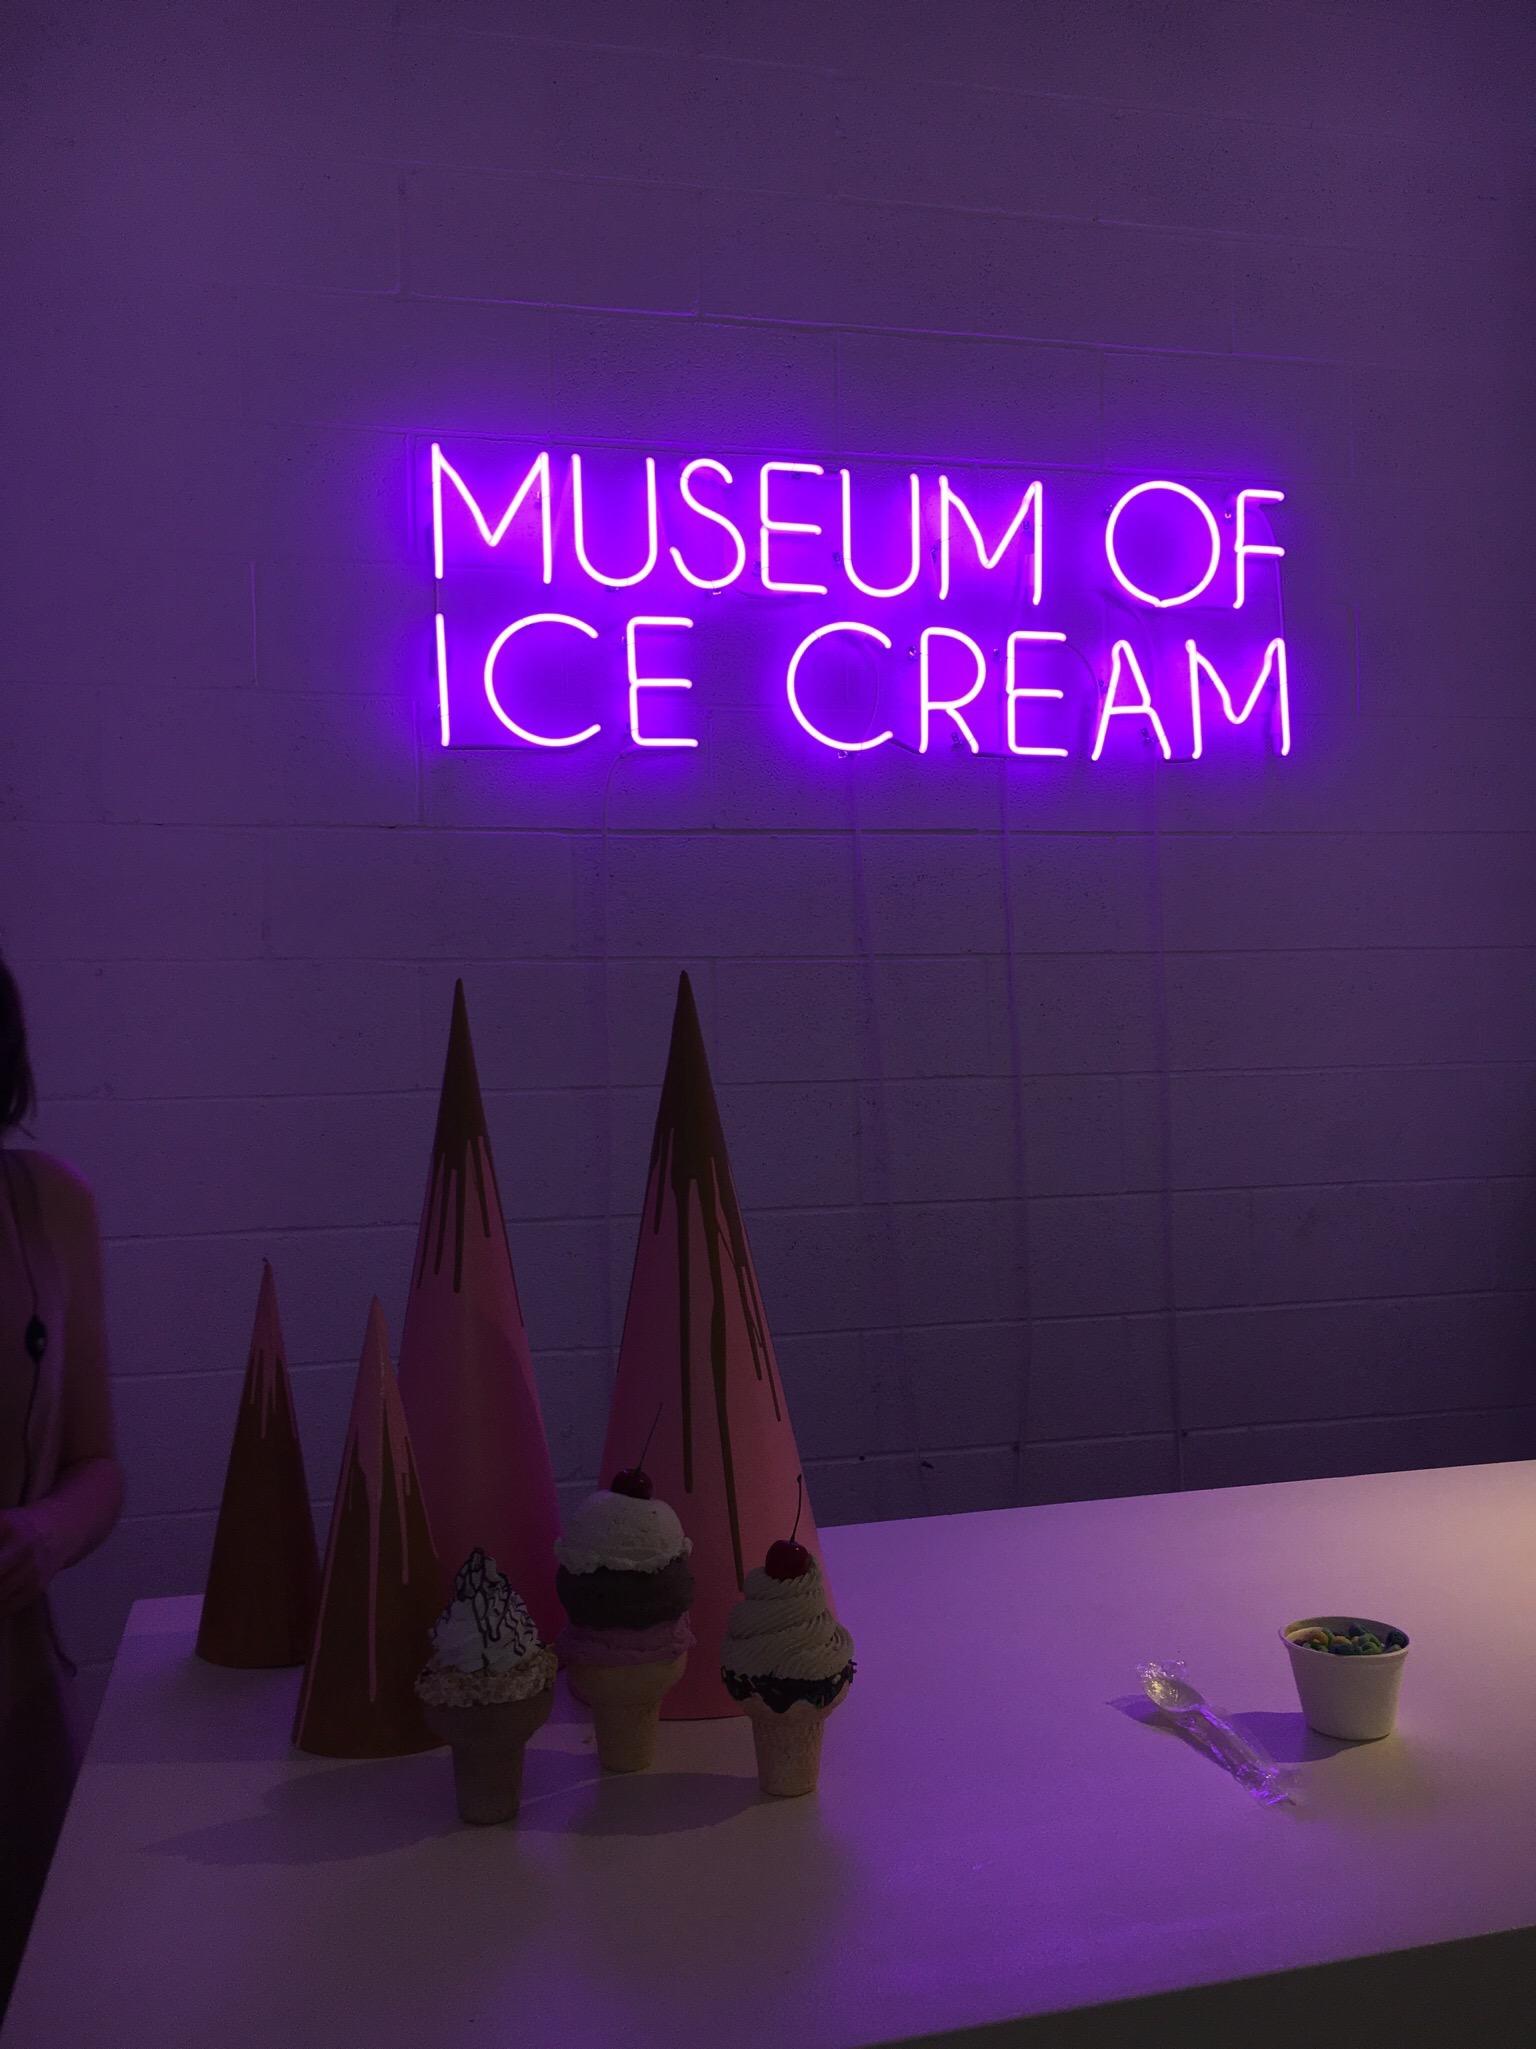 MuseumofIceCreamEntrance